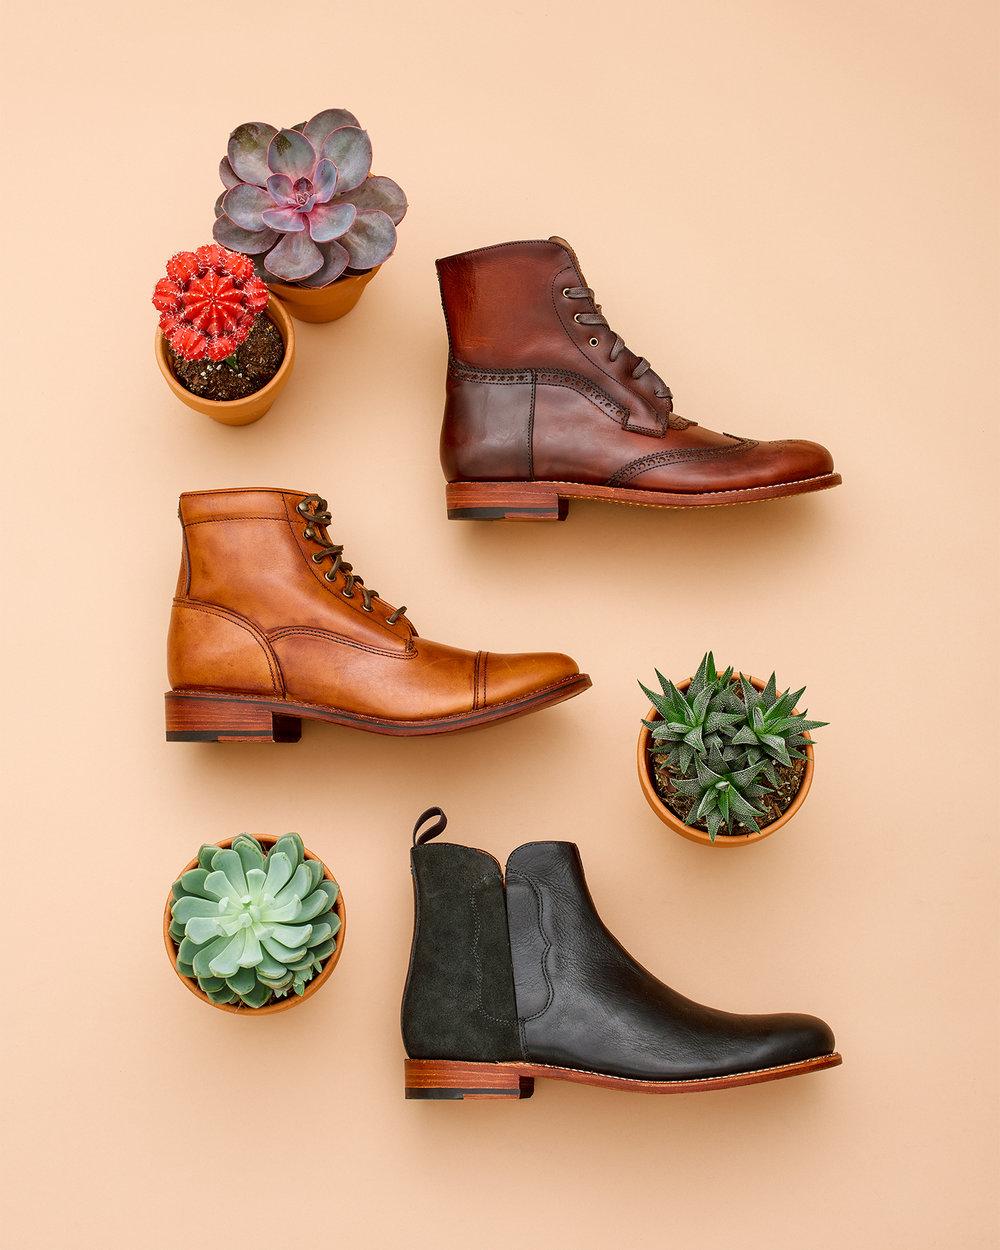 boots 1.jpg